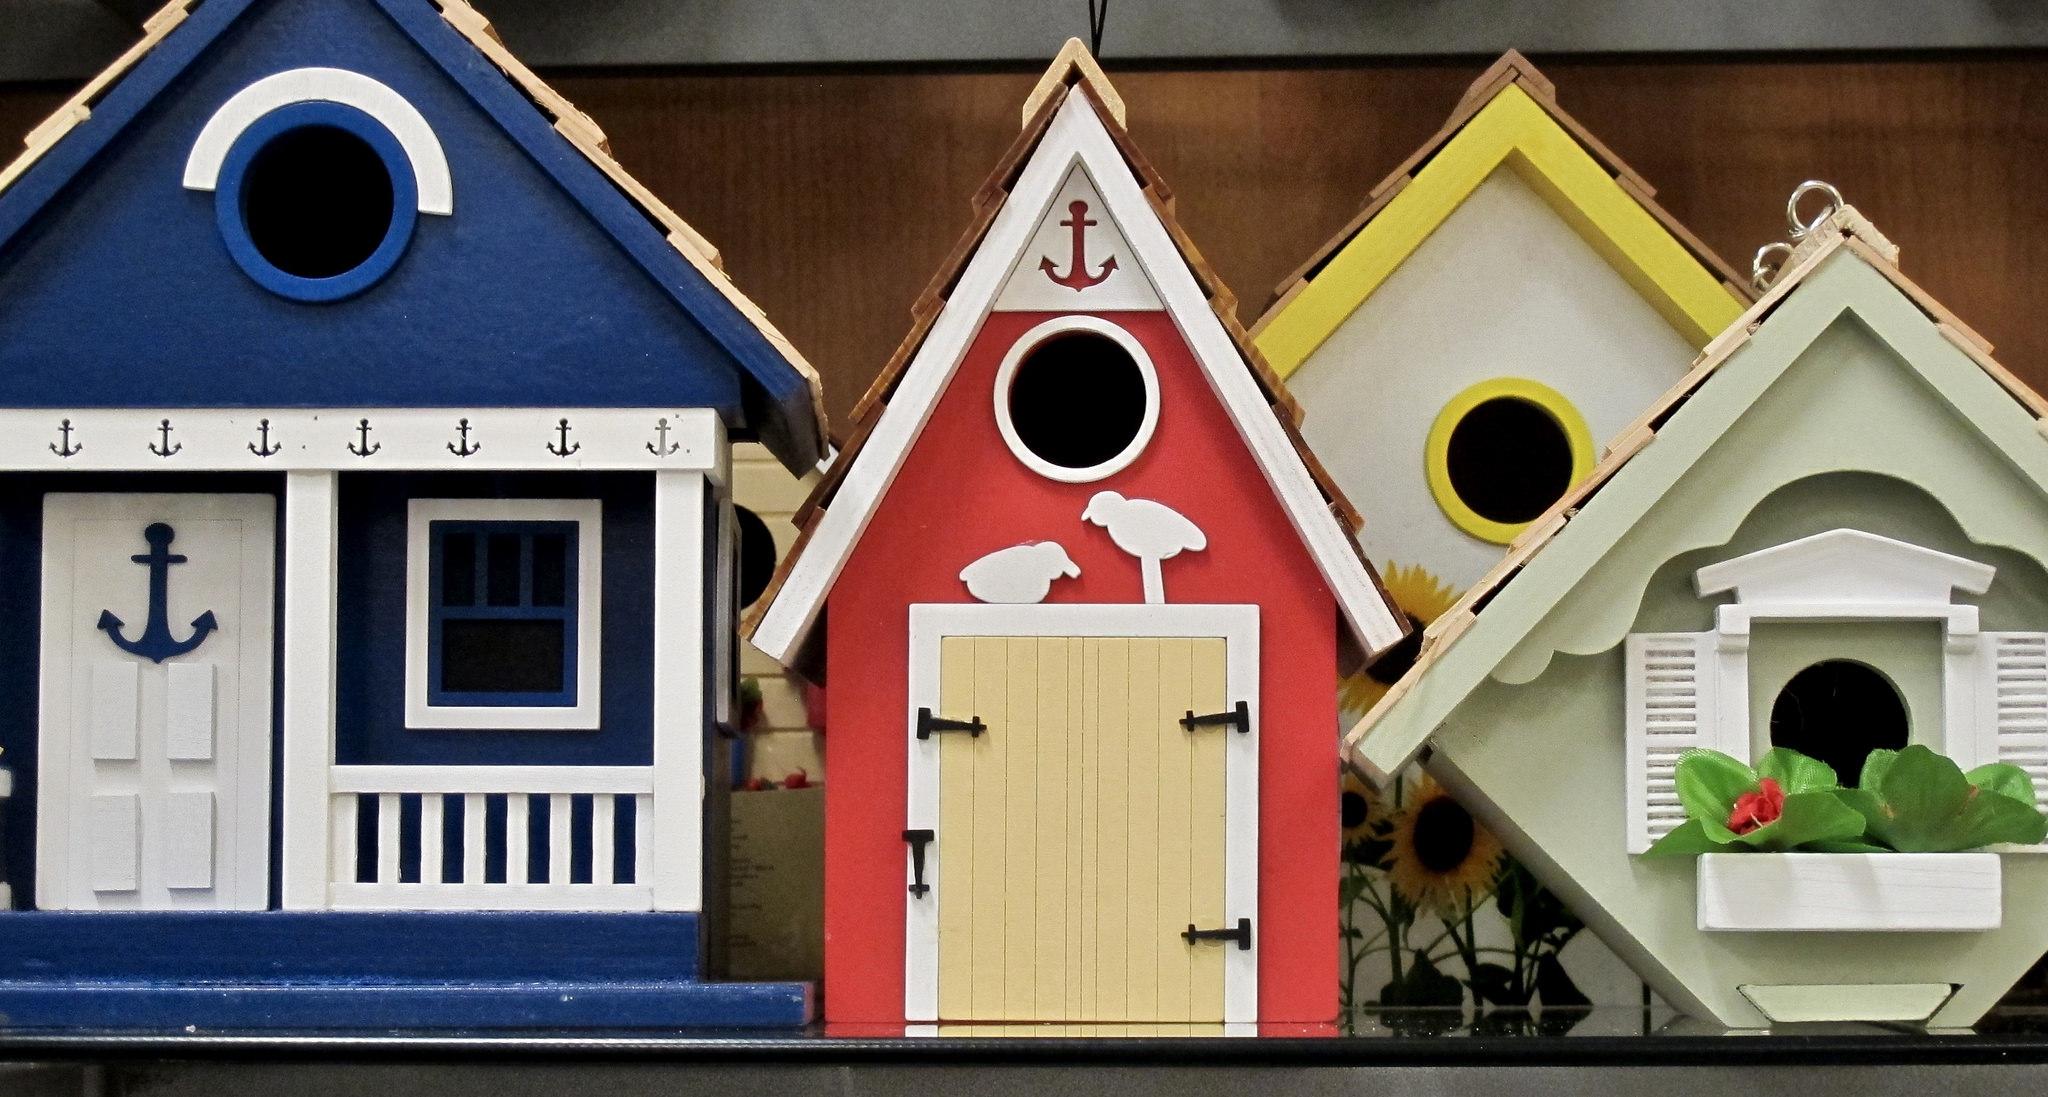 Three birdhouses